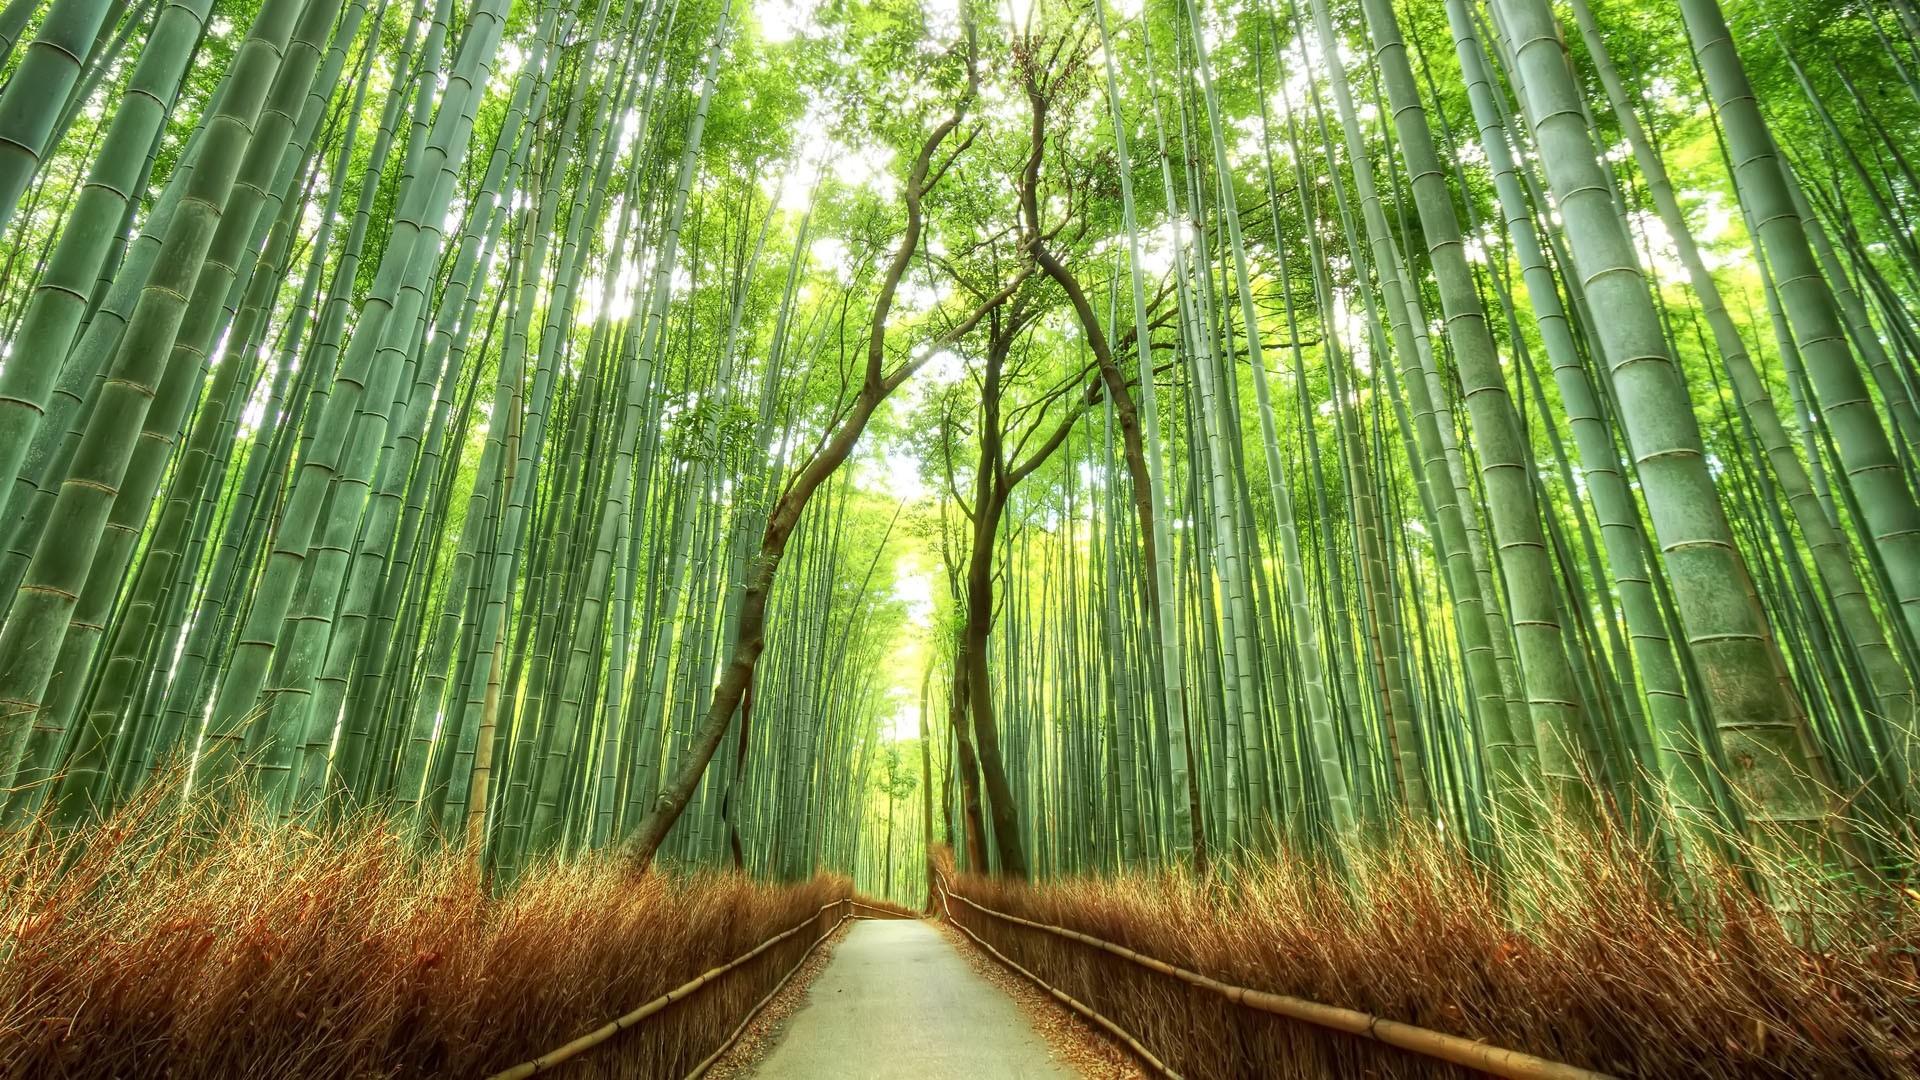 Bamboo Forest Japan Computer Wallpaper   Data-src - Japan Bamboo Forest - HD Wallpaper